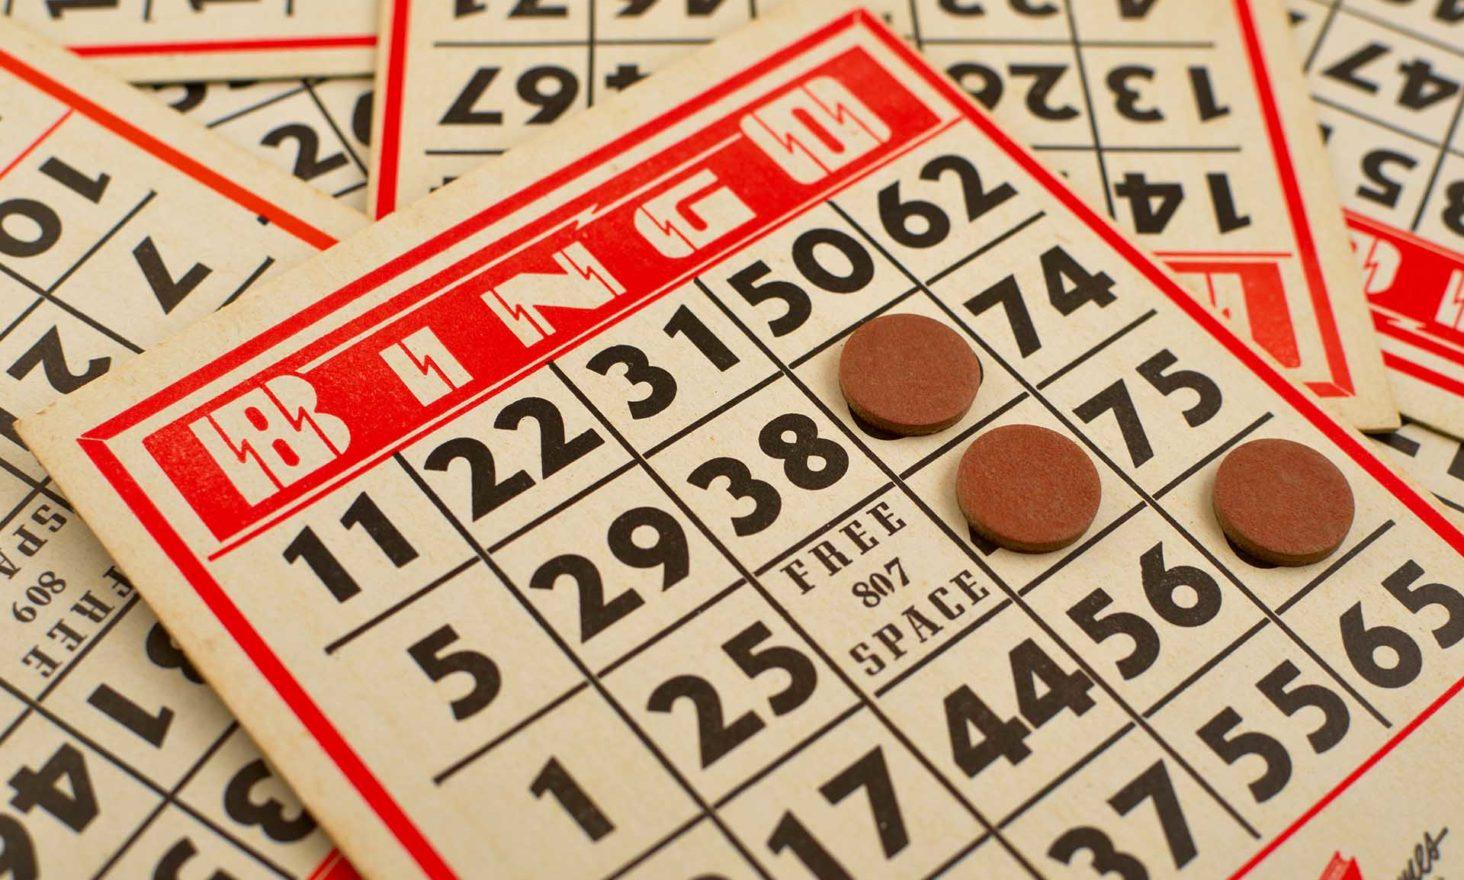 That's a Bingo!